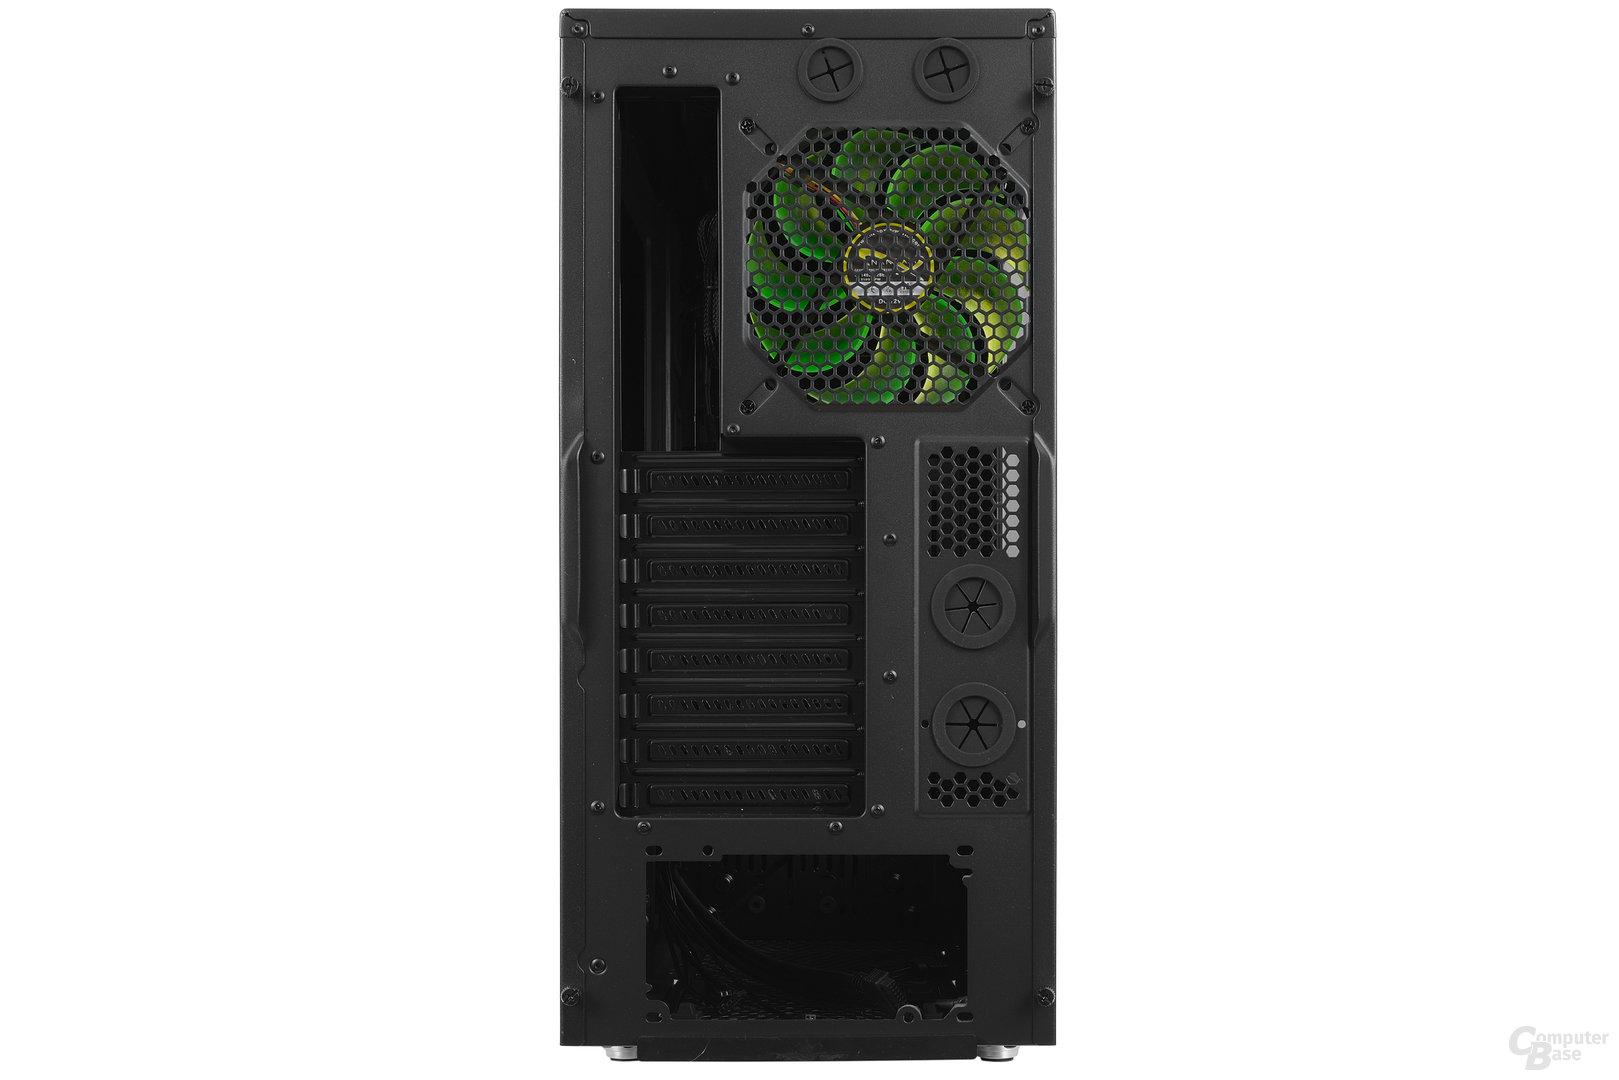 Nanoxia CoolForce 2 – Heckansicht